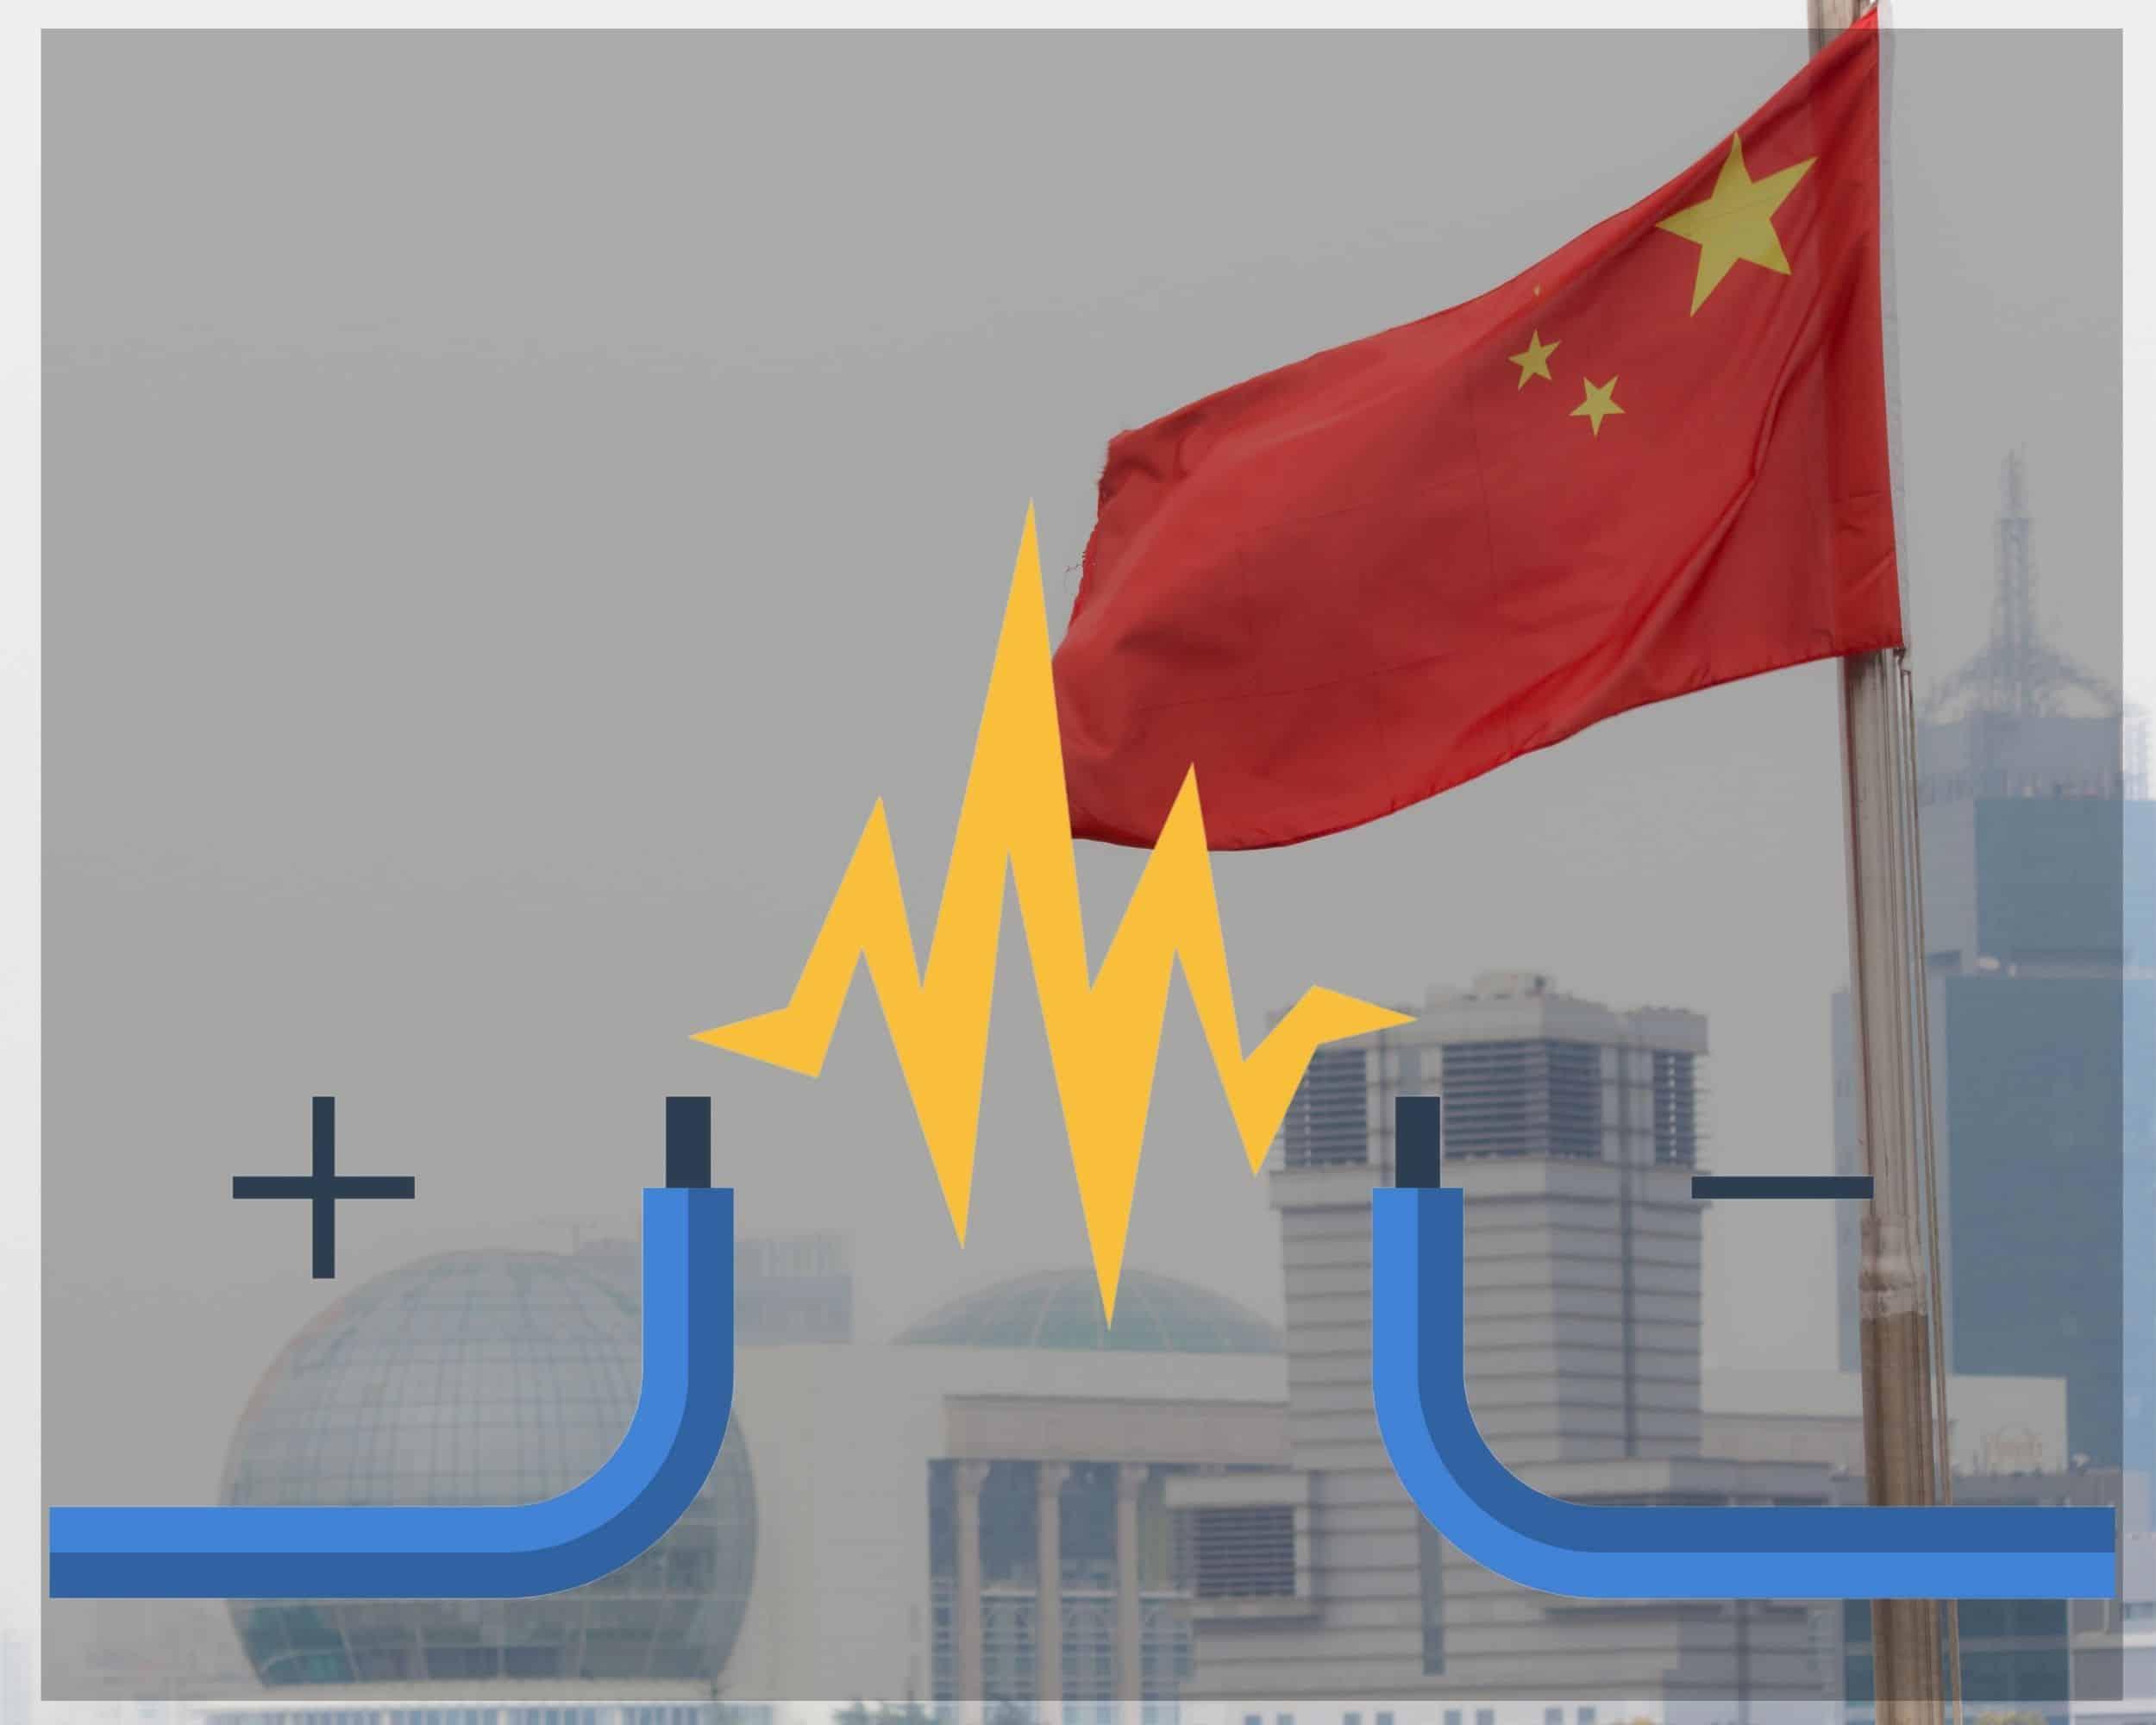 el precio de bitcoin cae por un apagon en china